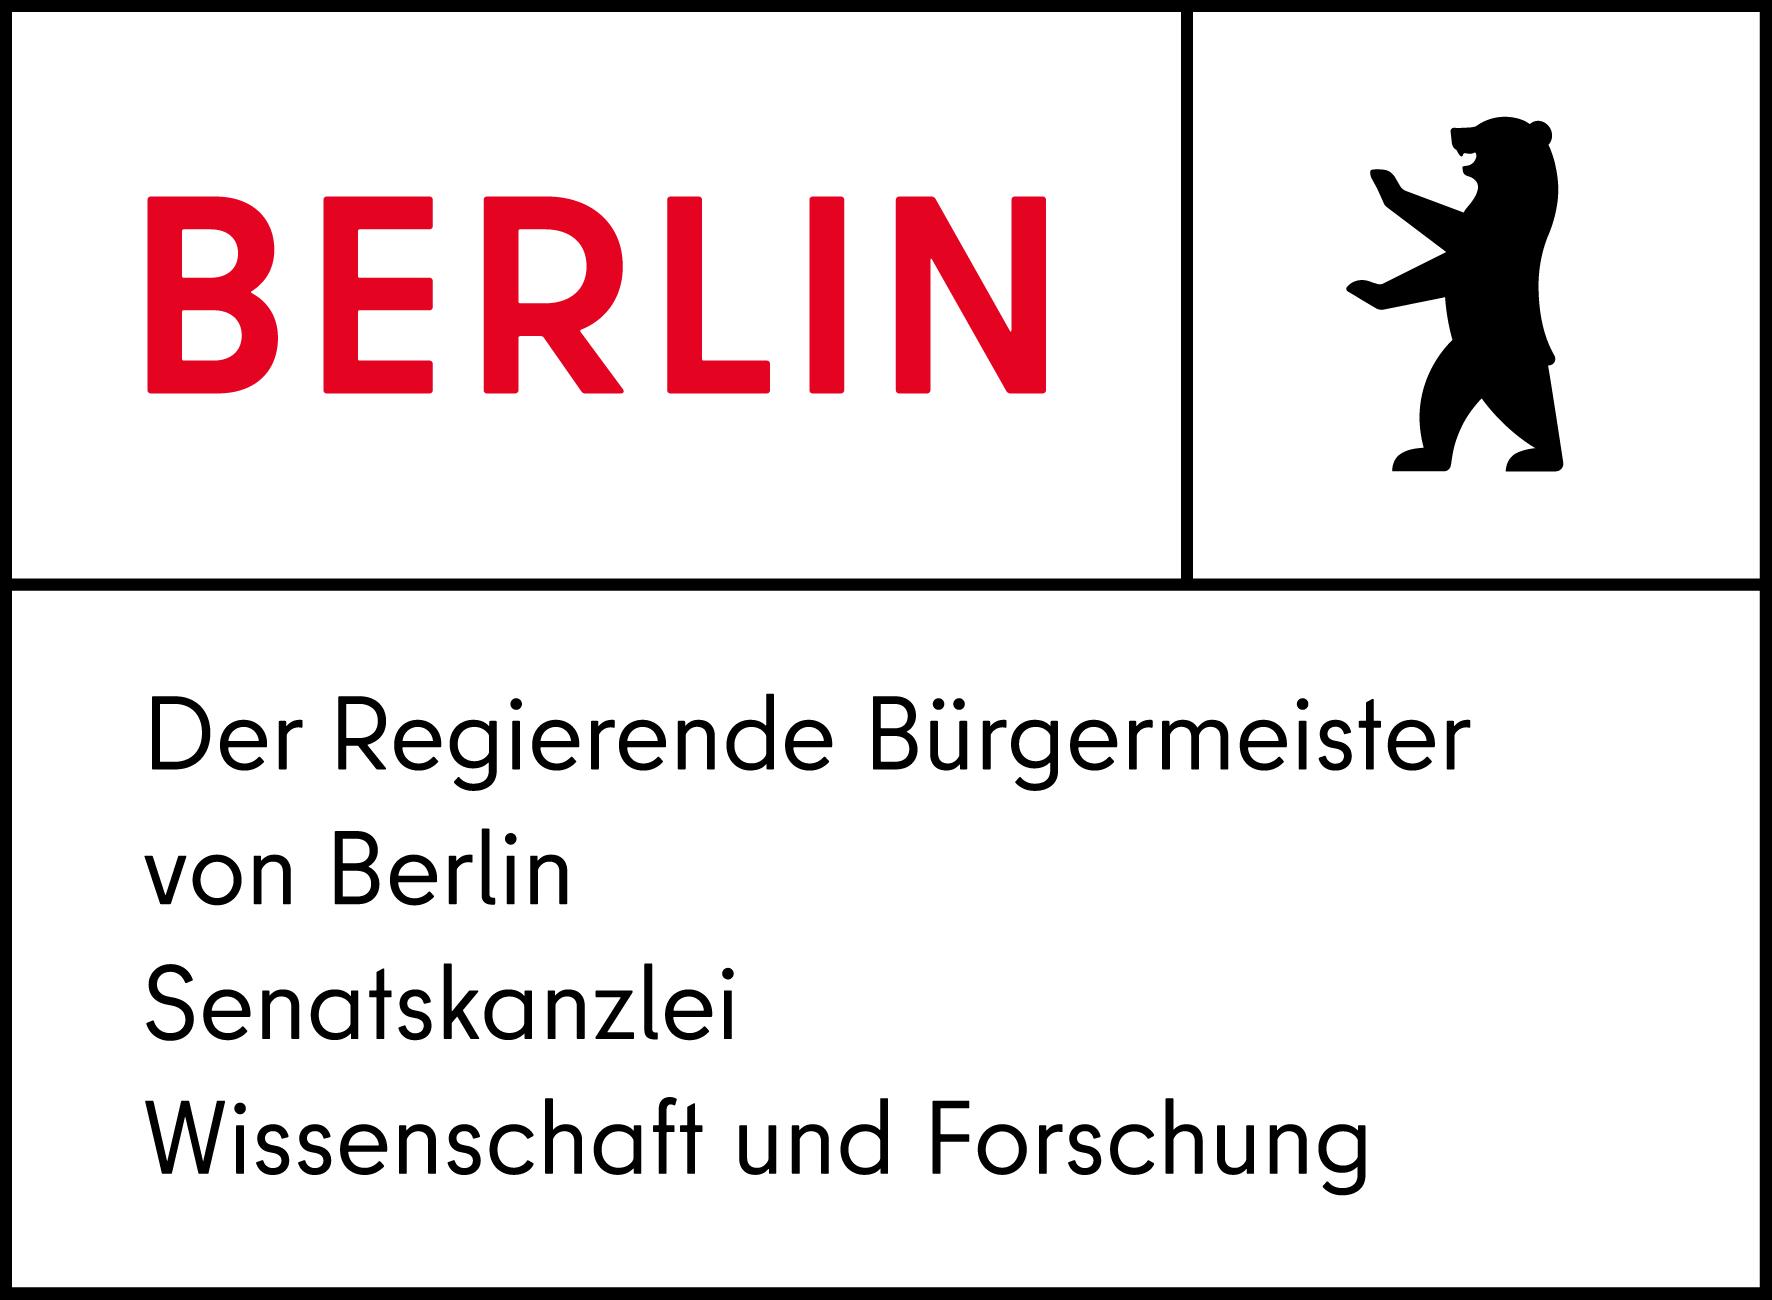 Berliner Senatsverwaltung für Wissenschaft und Forschung.